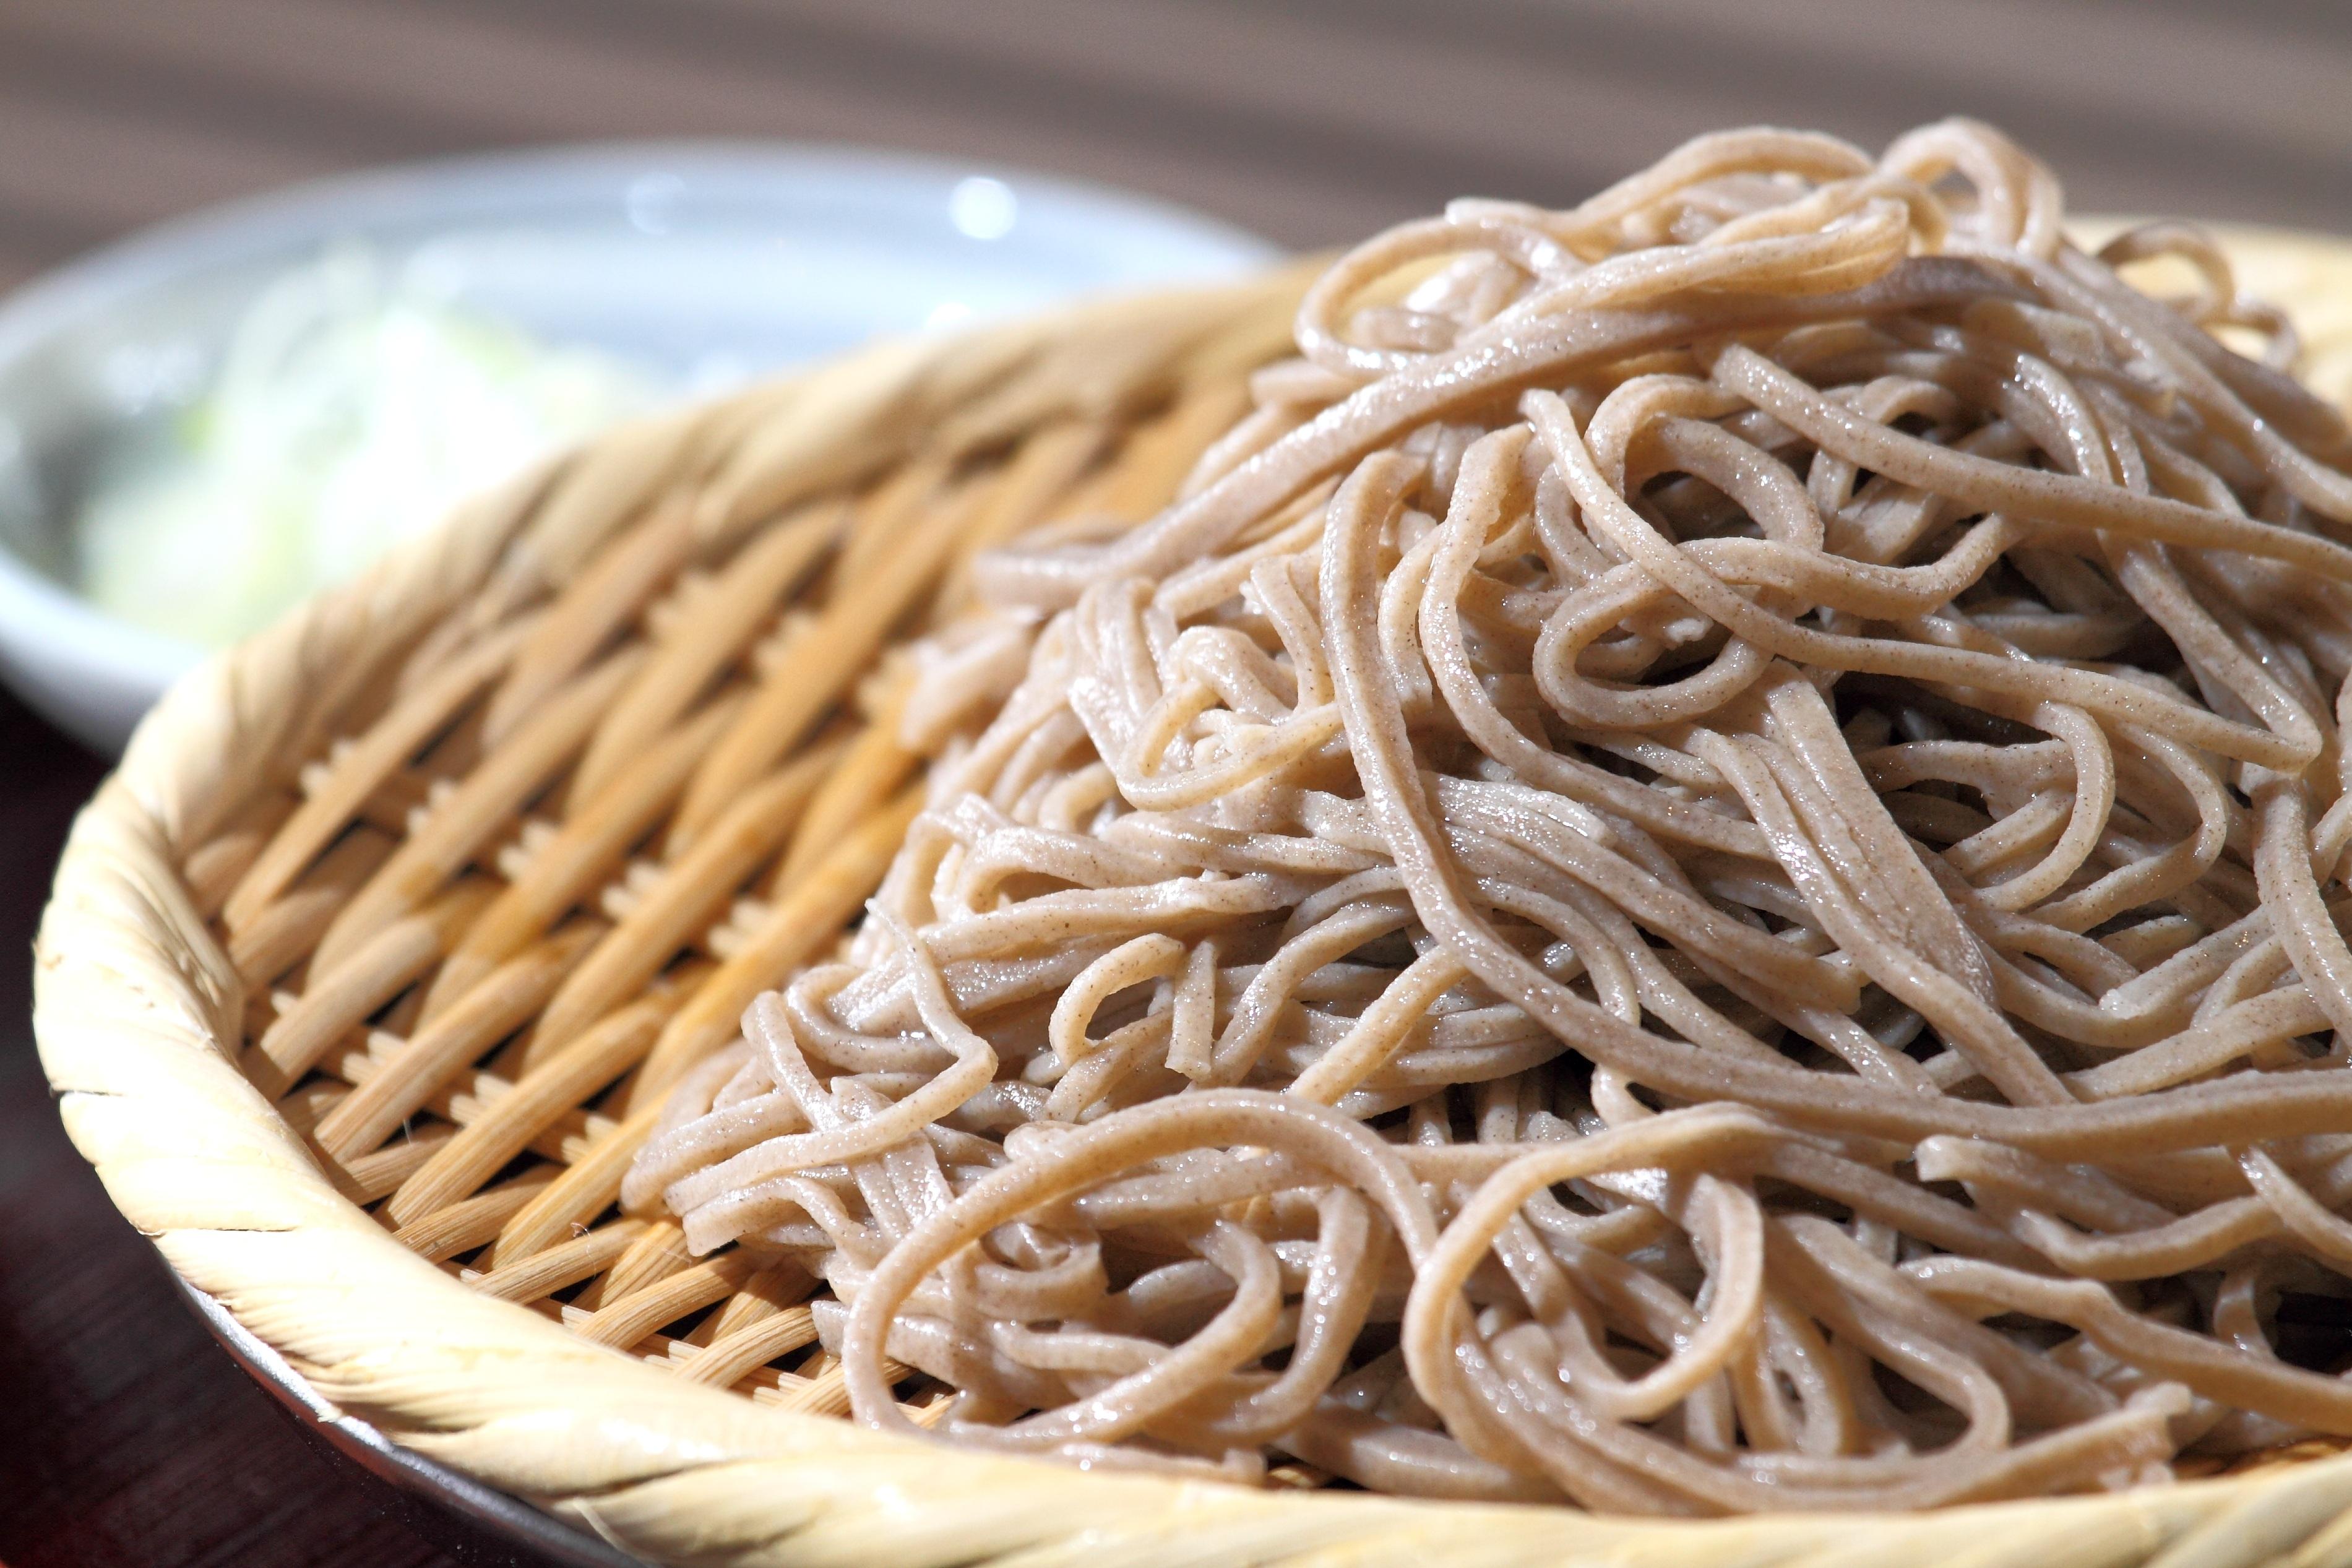 Noodles artesanales